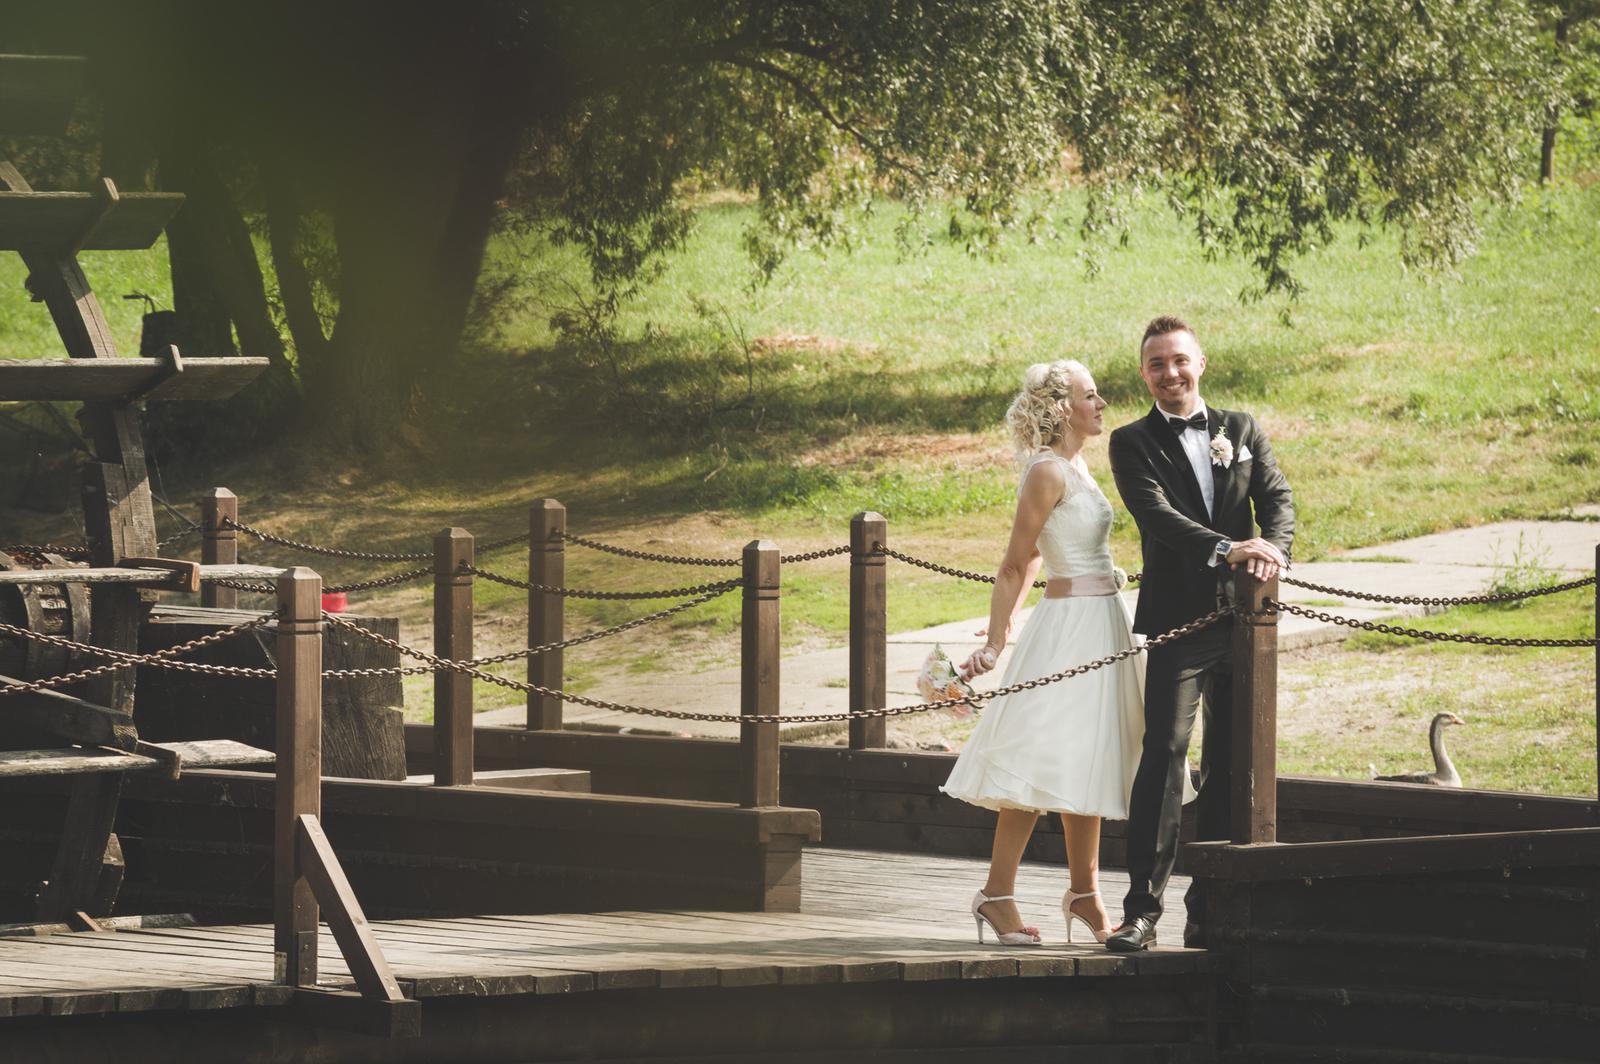 peter_a_lucia - Krátke svadobné čipkované šaty, čierny slim oblek